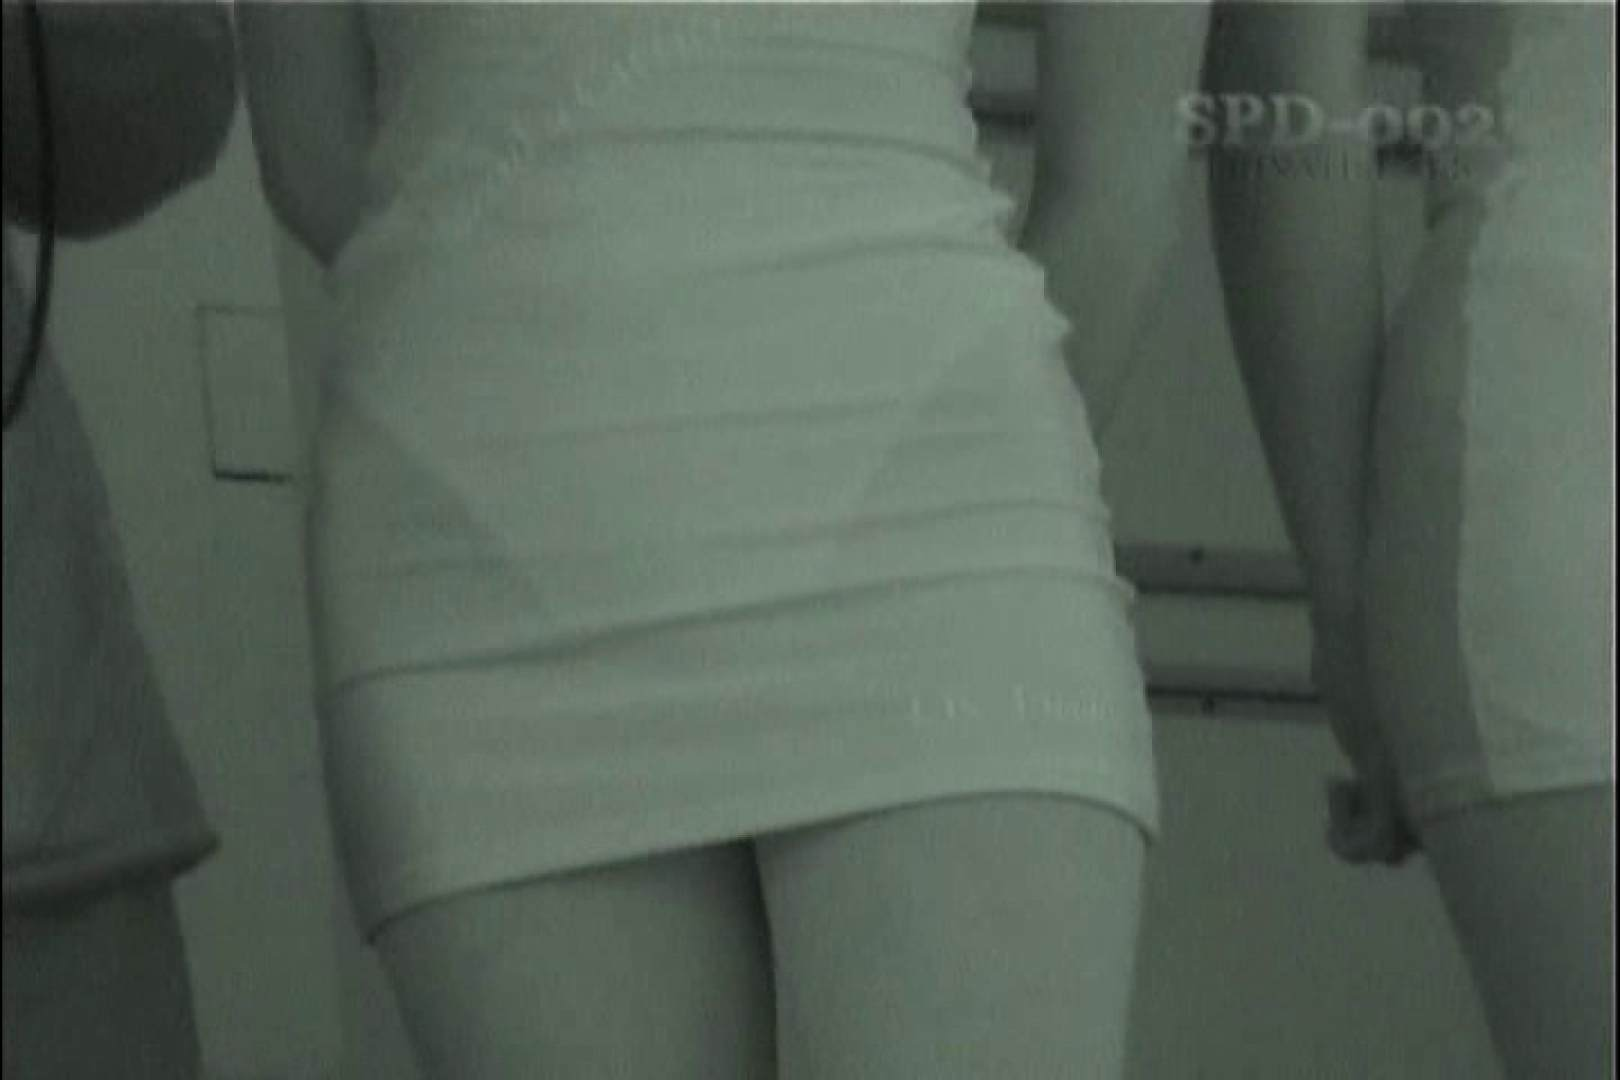 高画質版!SPD-002 レースクイーン 赤外線&盗撮 赤外線 オマンコ無修正動画無料 88pic 52